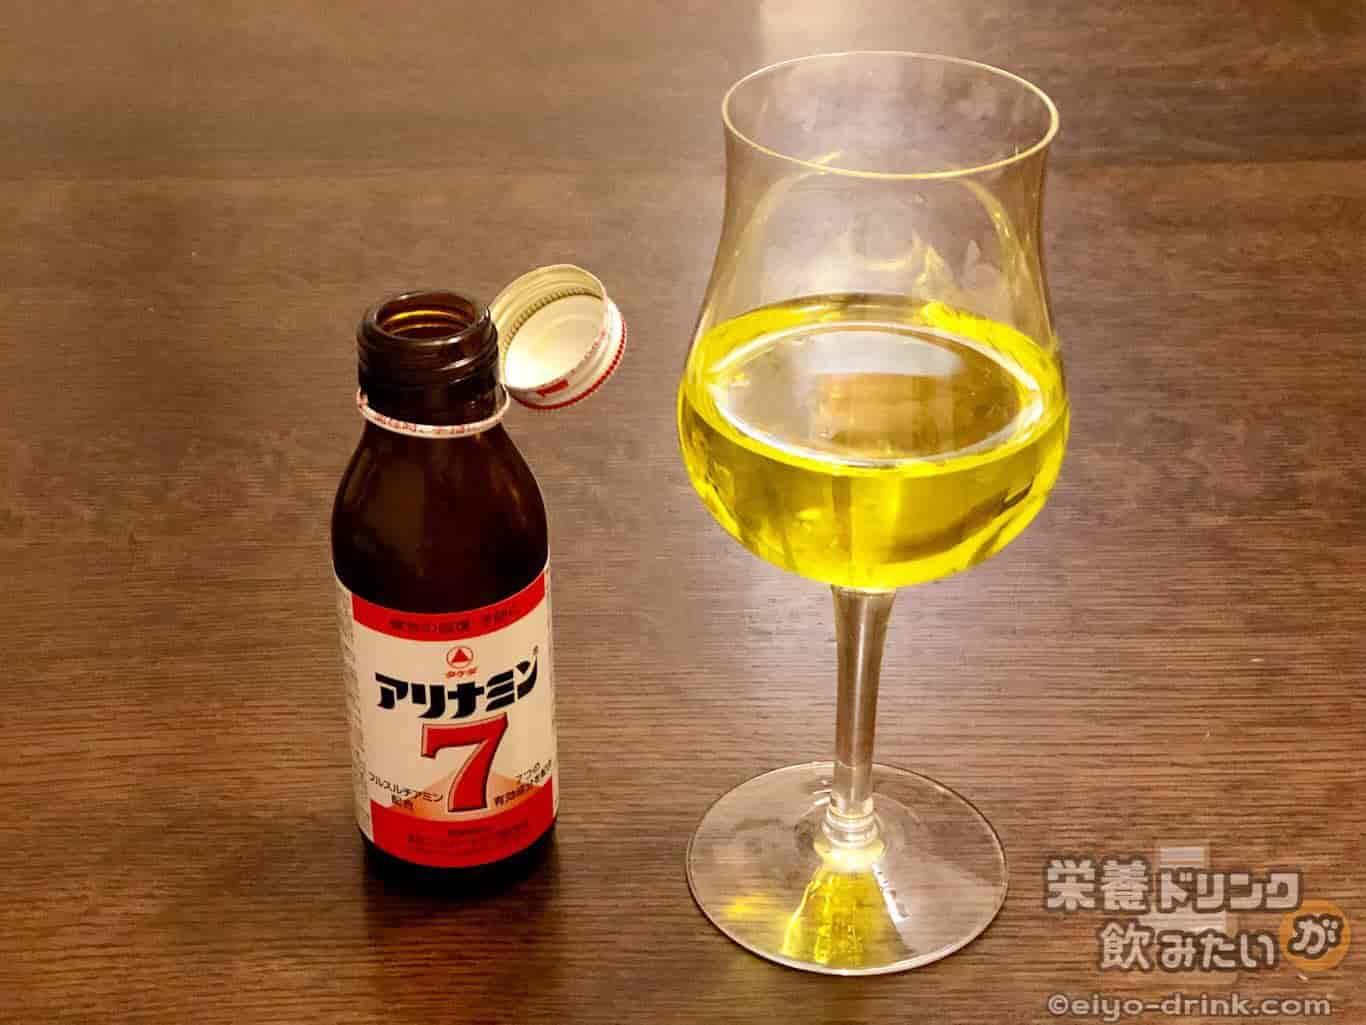 アリナミン7と注いだワイングラス